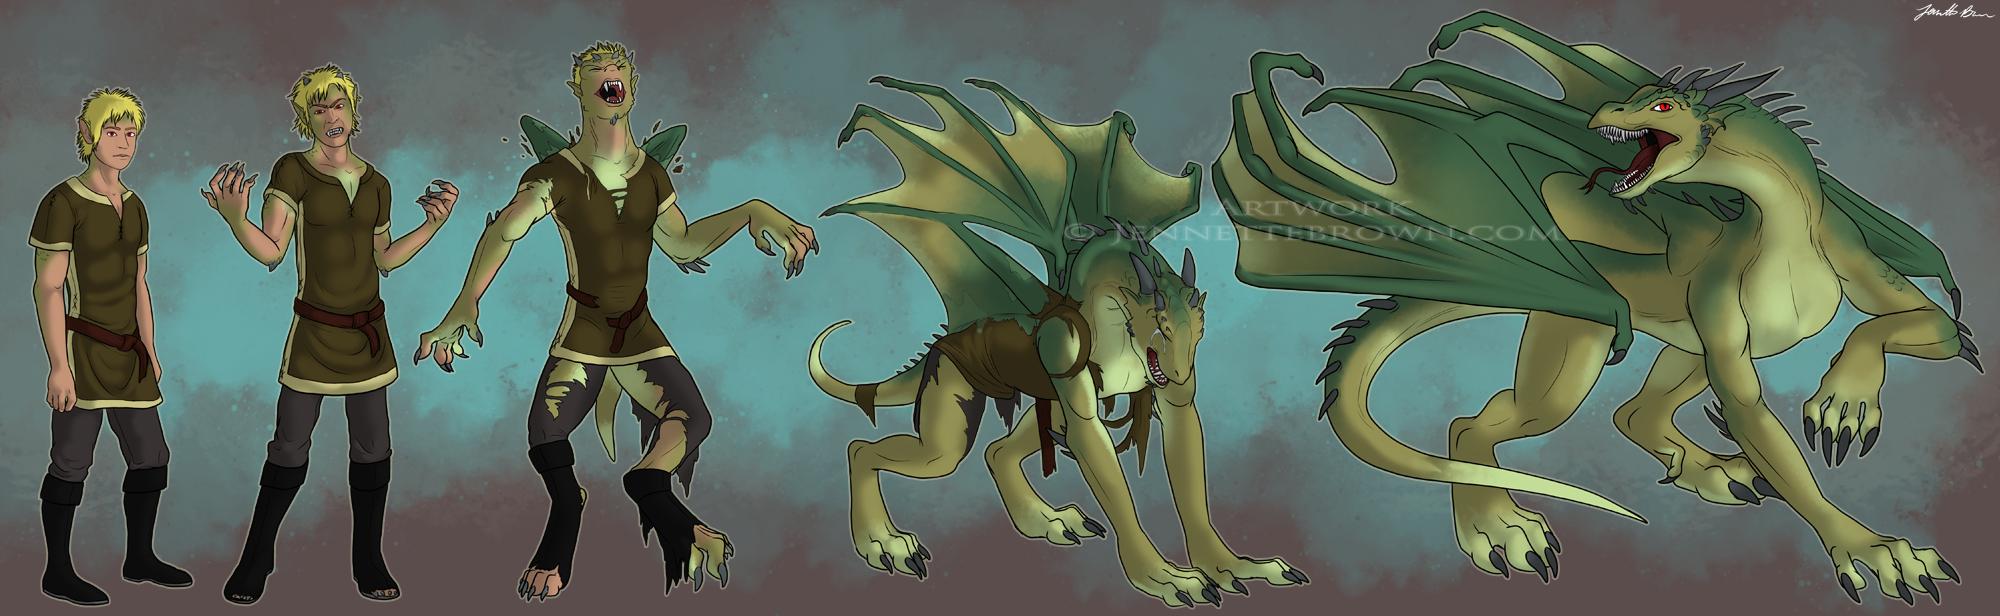 Трансформация человека в дракона картинки 2 фотография